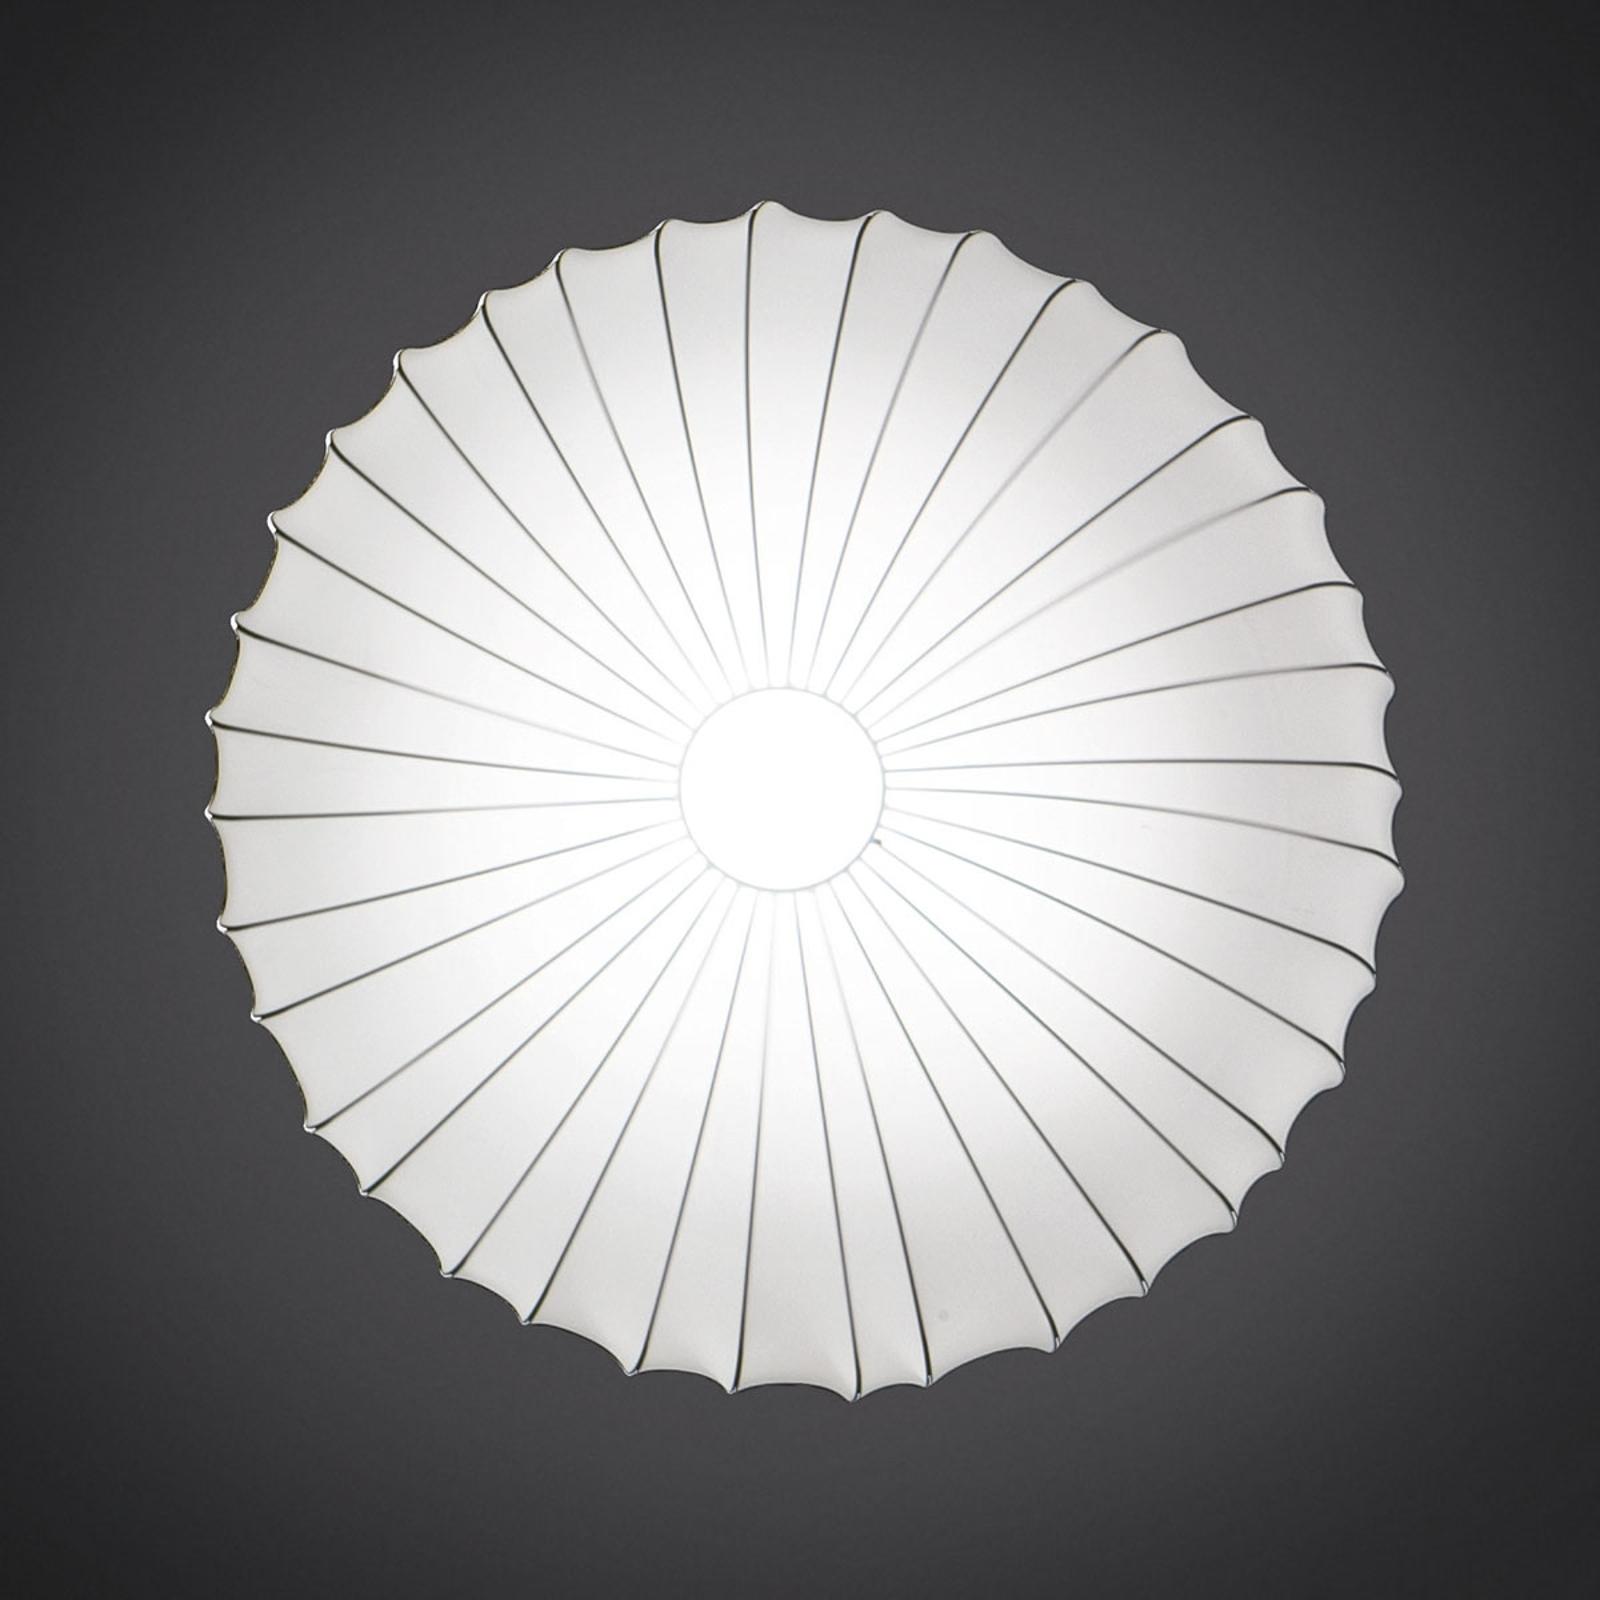 Axolight Muse závesná lampa v bielej_1088017_1